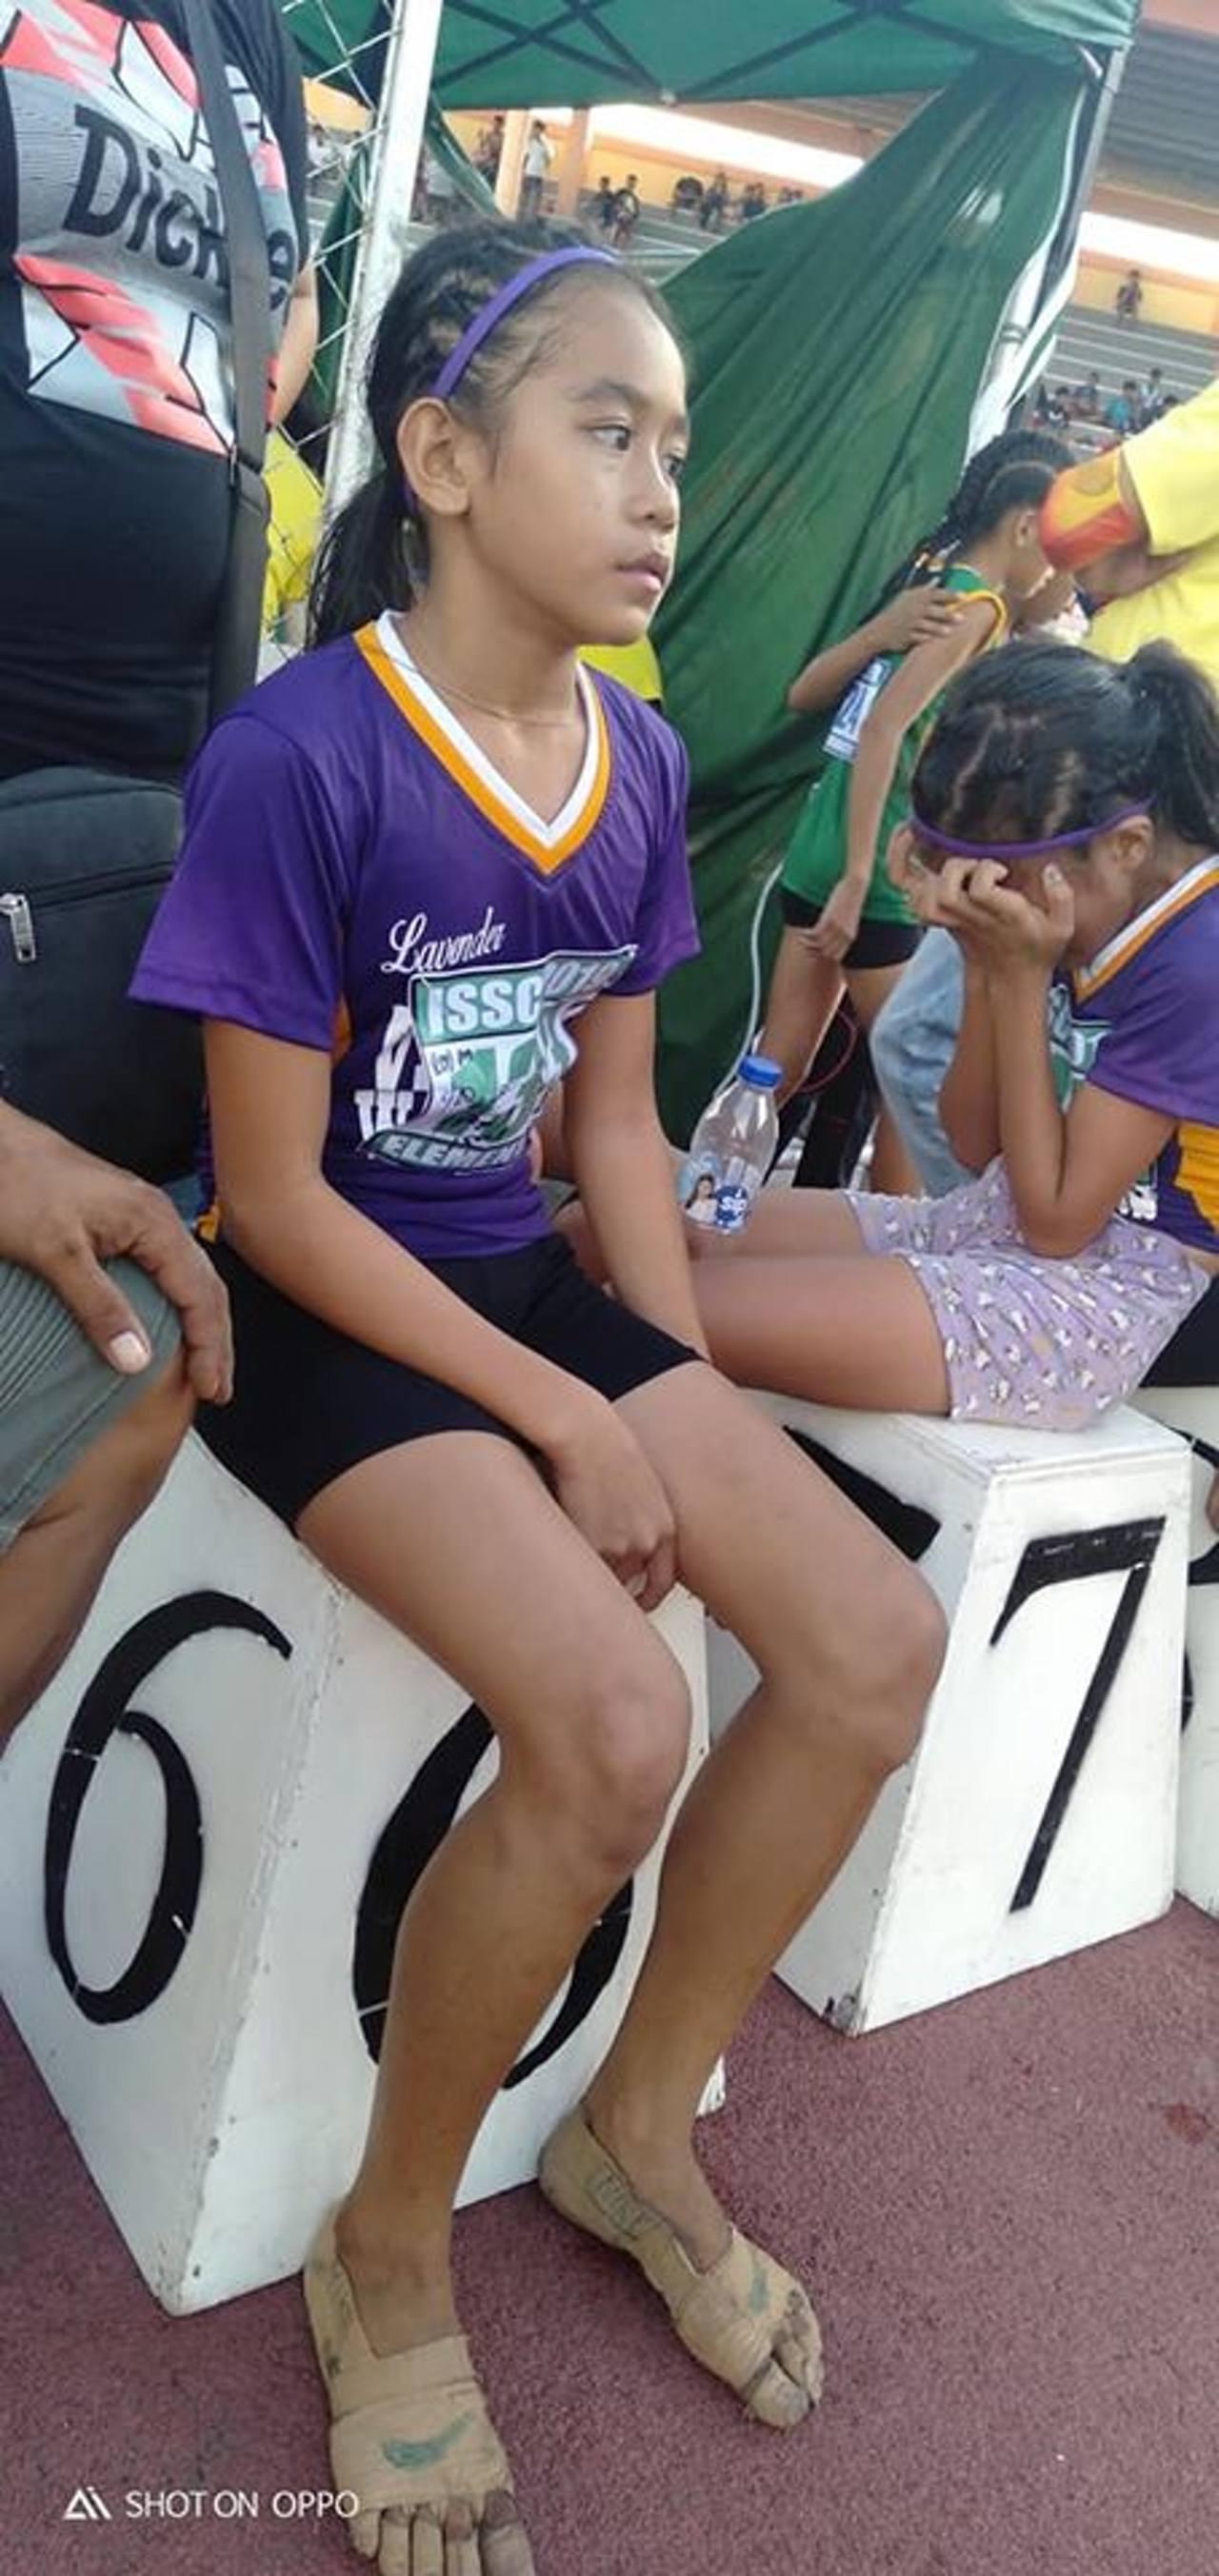 蕾雅日前參加學校舉辦的田徑賽,沒有跑鞋的她,用繃帶纏繞在腳上當跑鞋。(Predi...